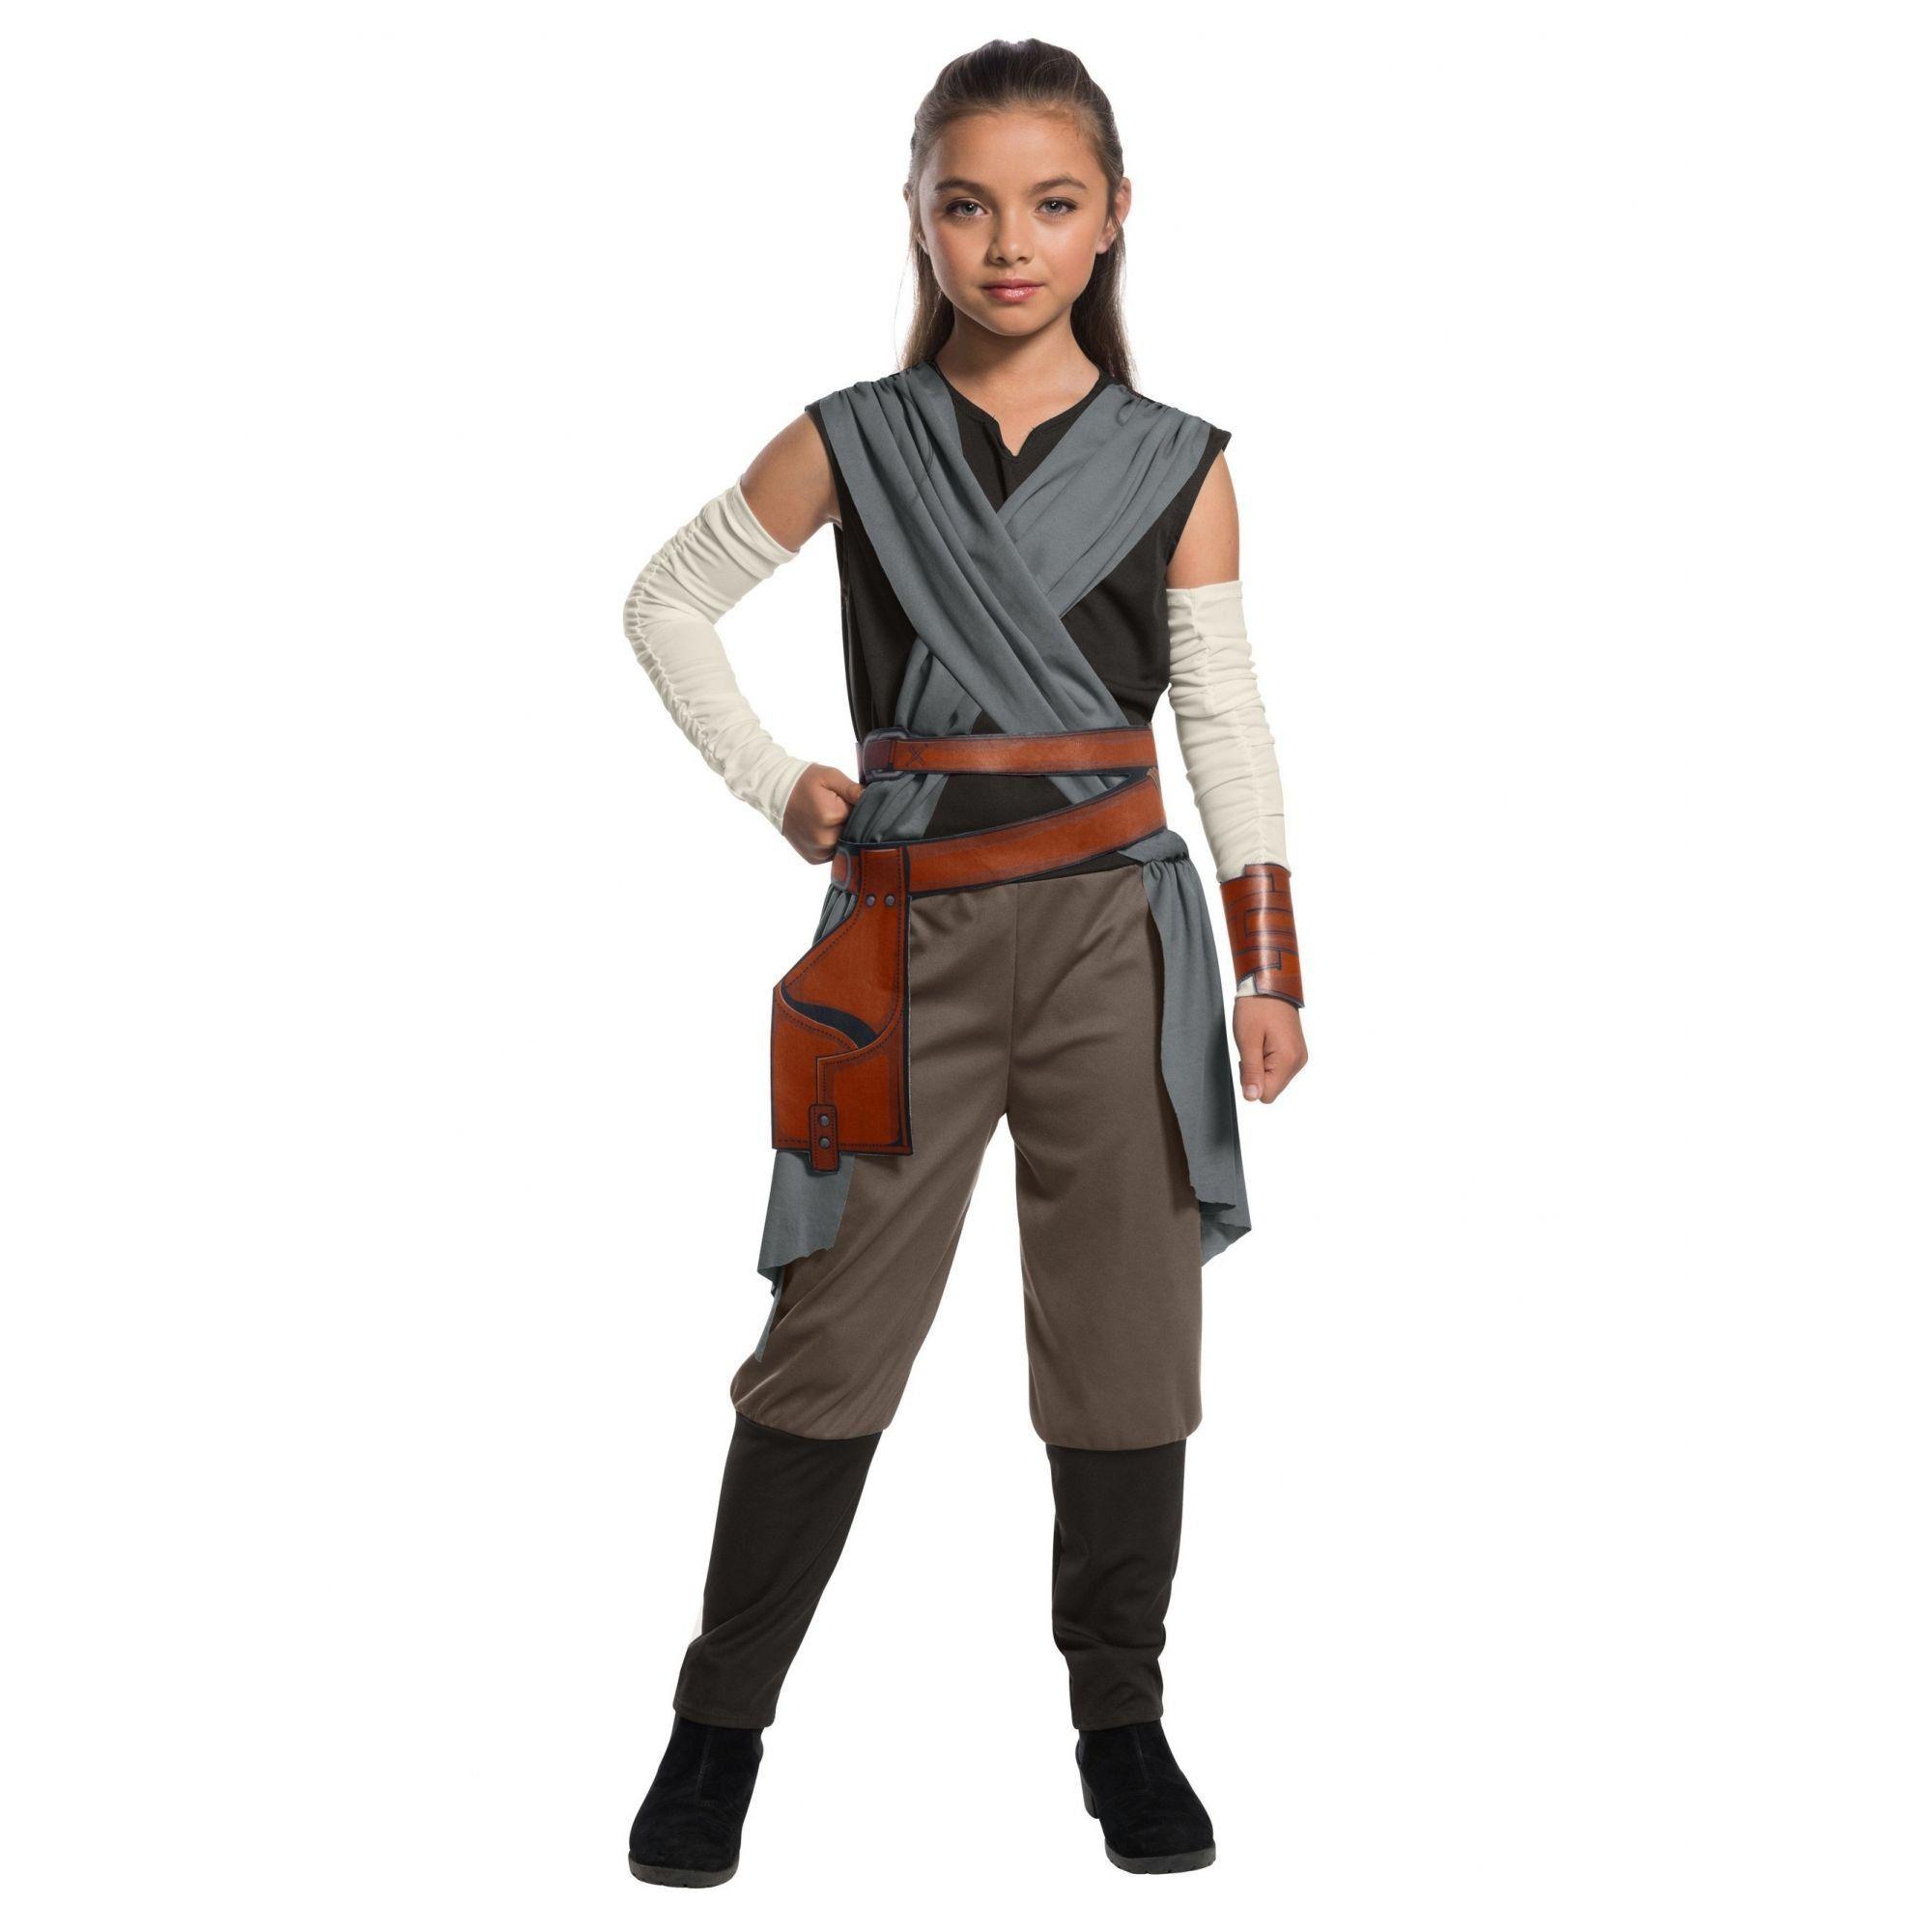 Fantasia Infantil Feminino Rey: Star Wars (Os Últimos Jedi) (Apenas Venda Online)